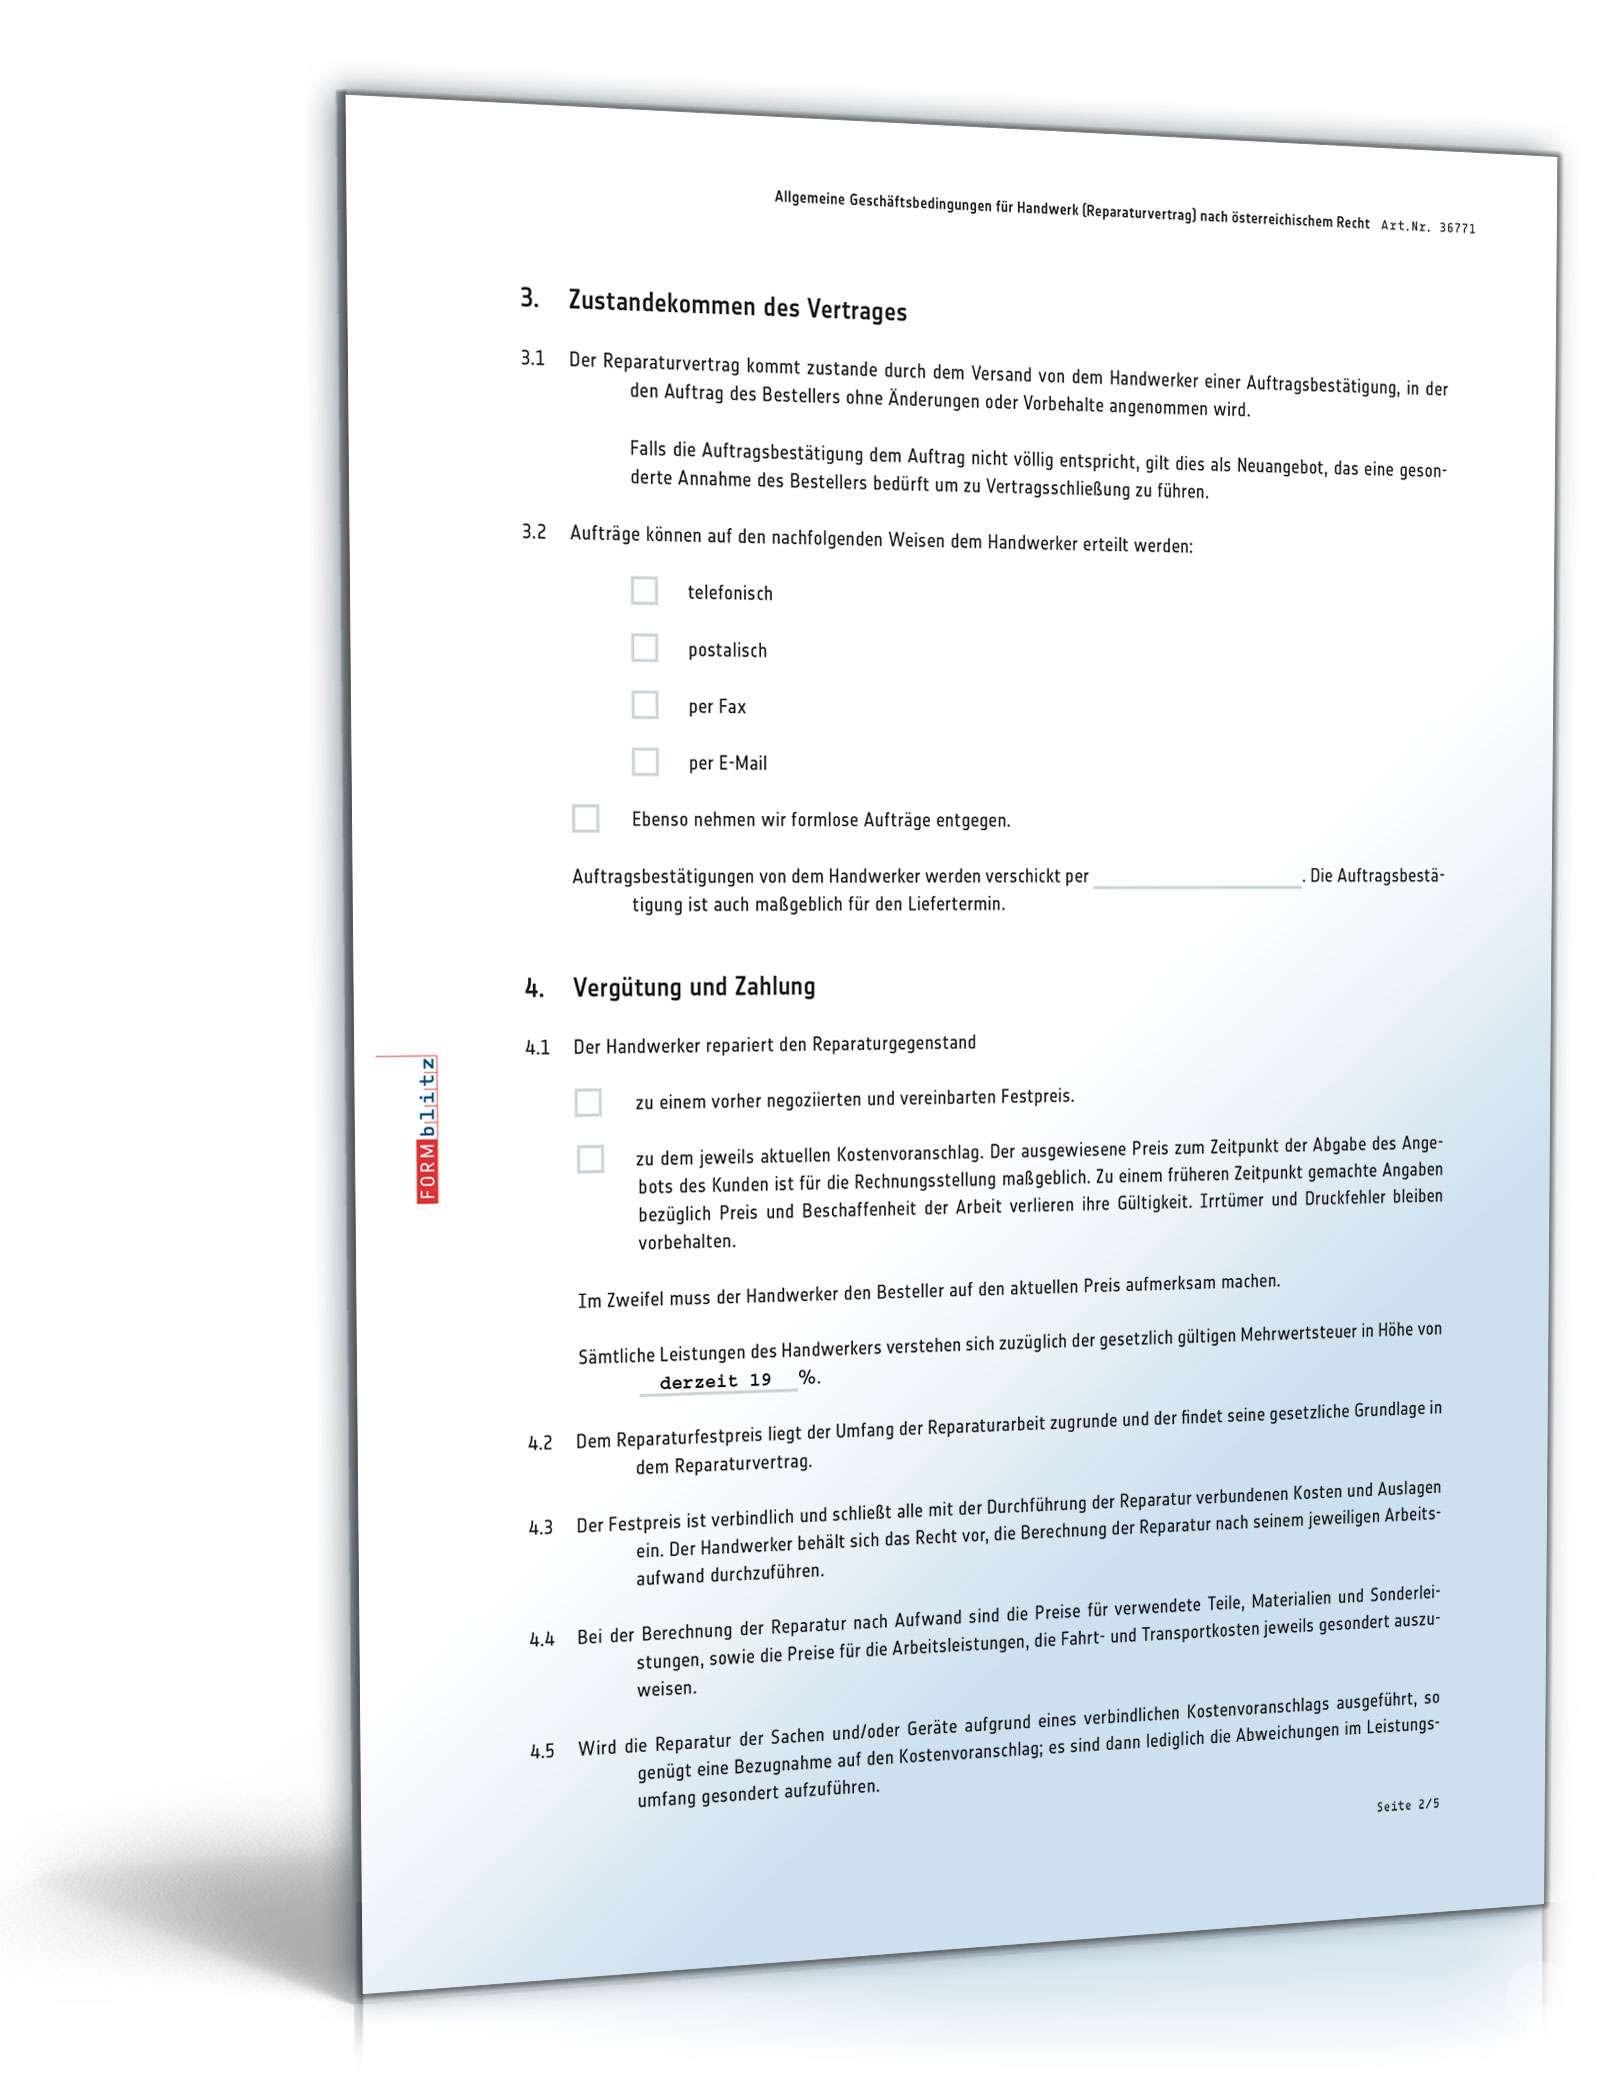 Ziemlich Hypothekenvereinbarung Vorlage Fotos - Entry Level Resume ...